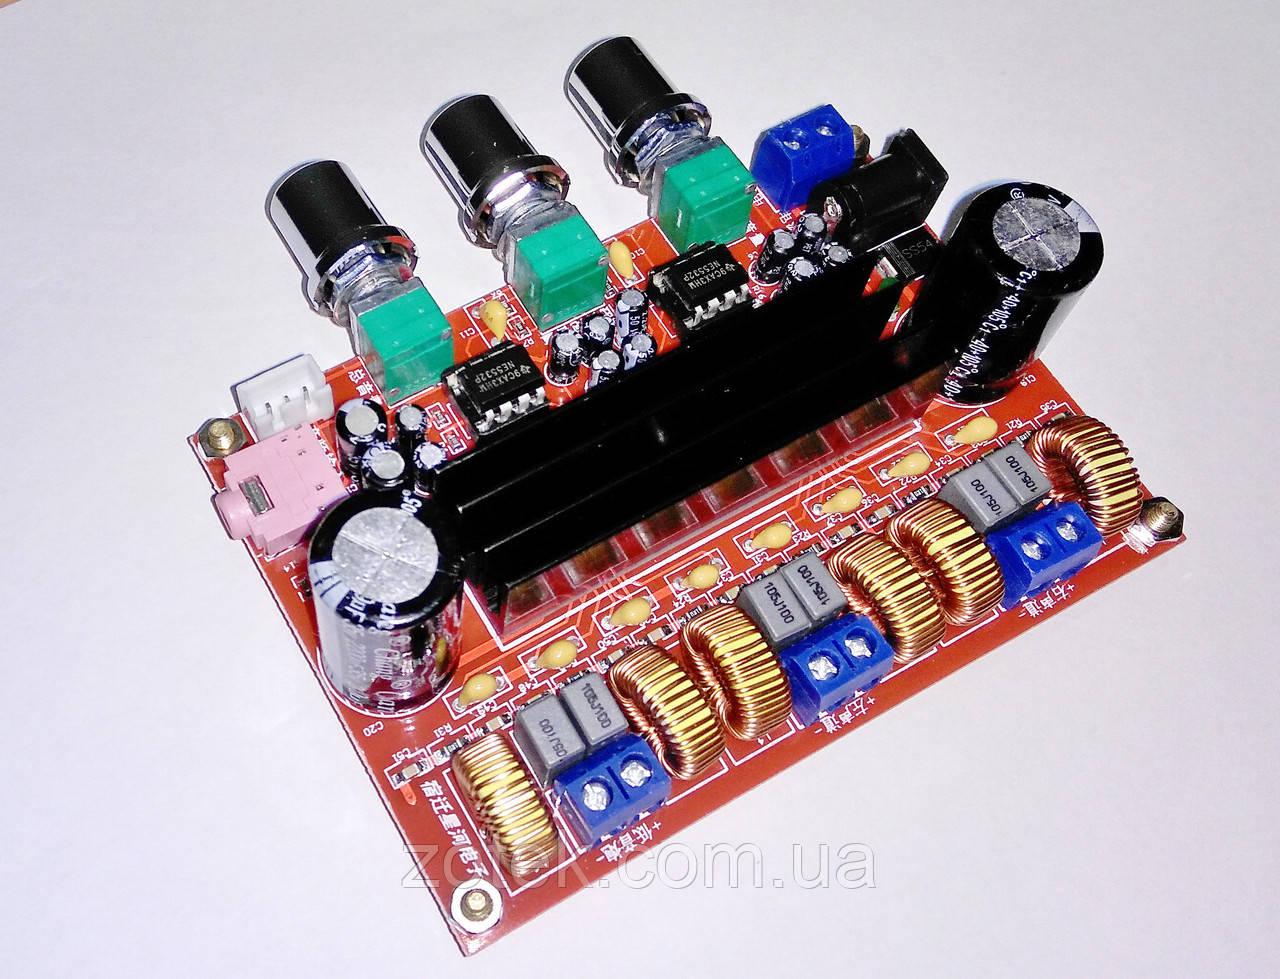 УЦЕНКА 2. Аудио усилитель мощности XH-M139 - TPA3116D2 50Вт*2+100Вт 2.1 DC 12-24В